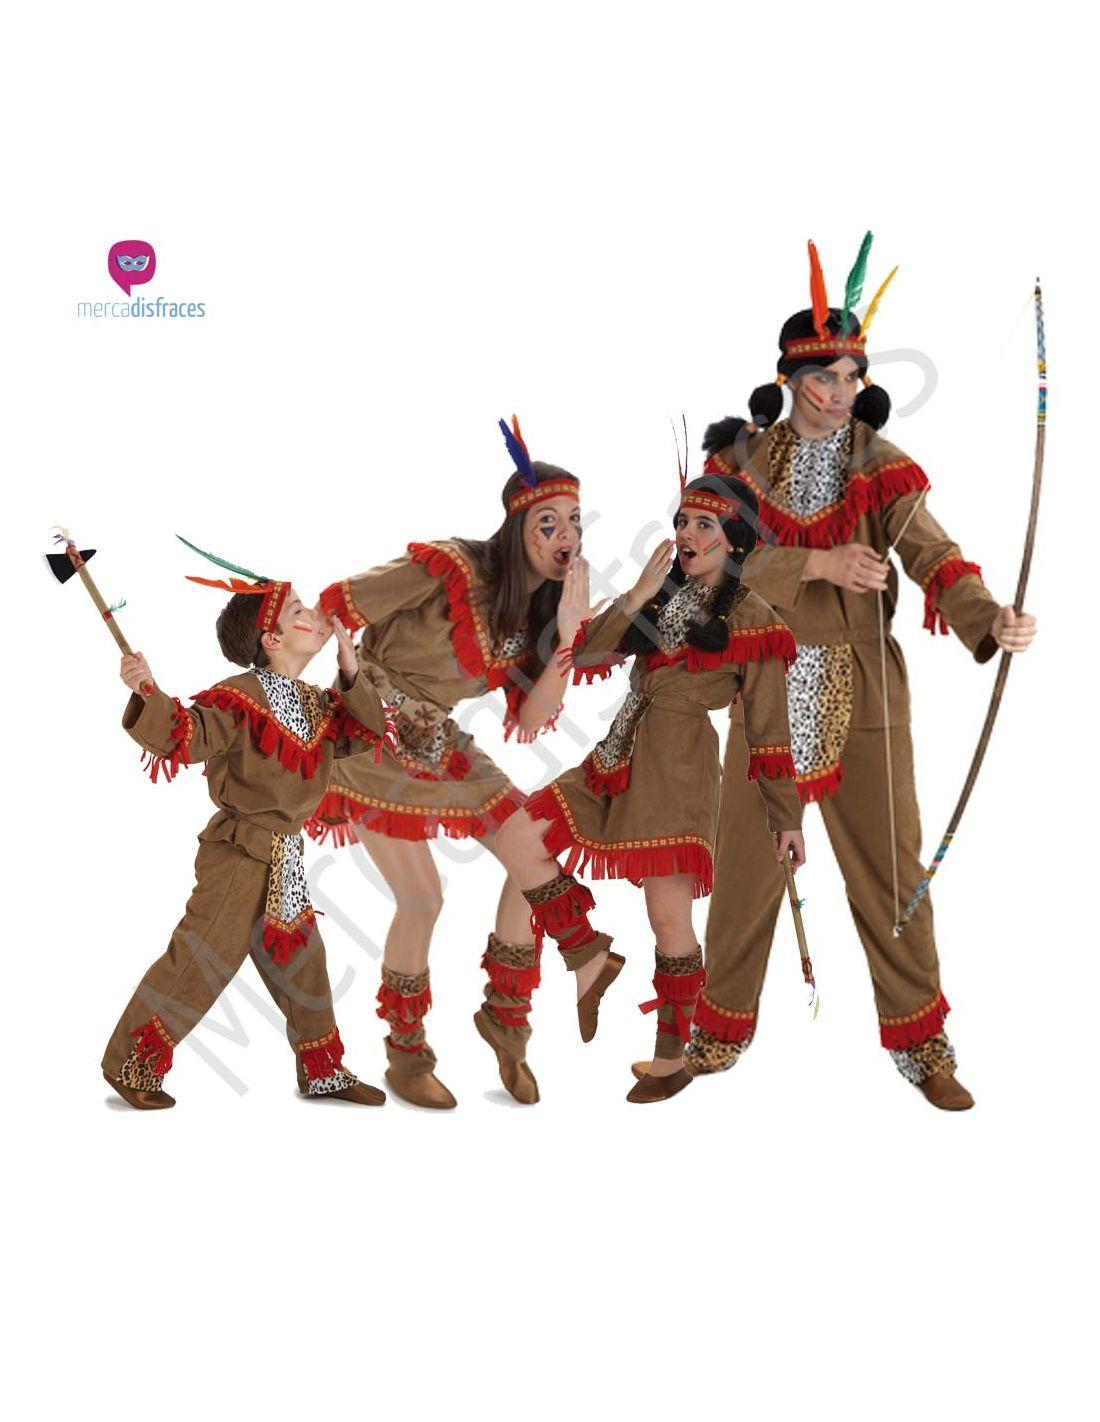 Disfraces de Carnaval de Indios para grupos  79ecdfc65e8